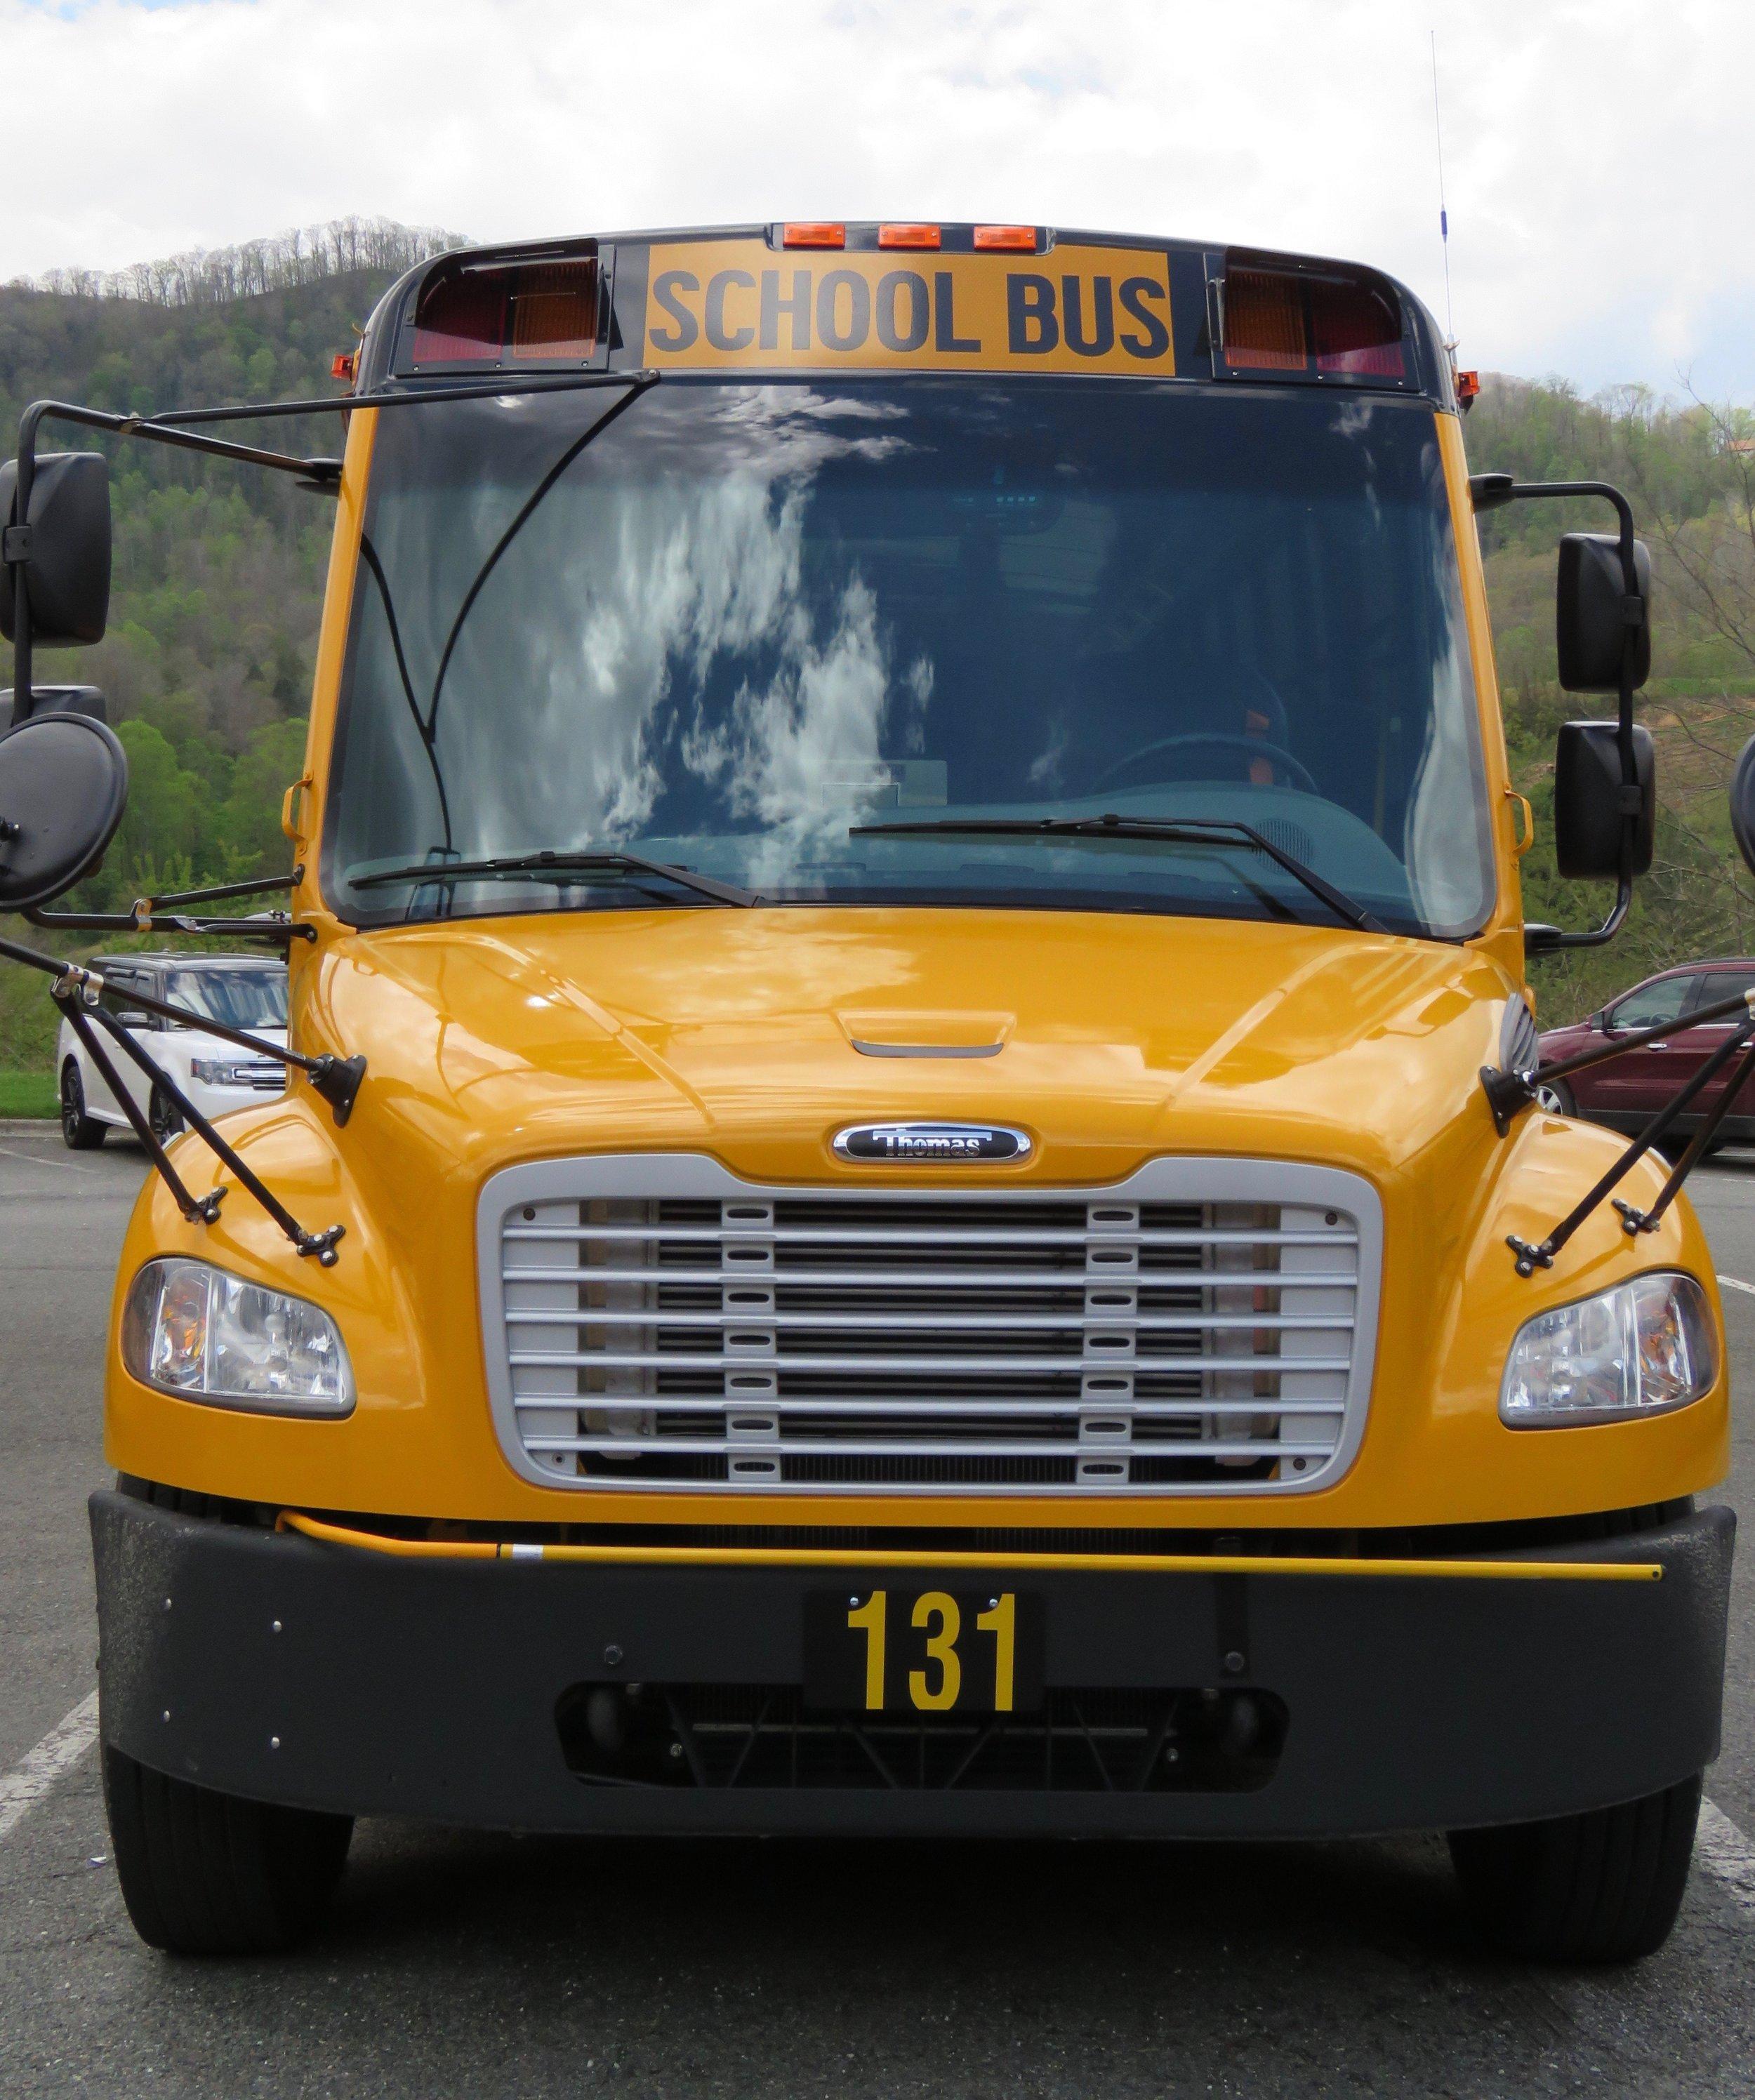 schoolbusfront